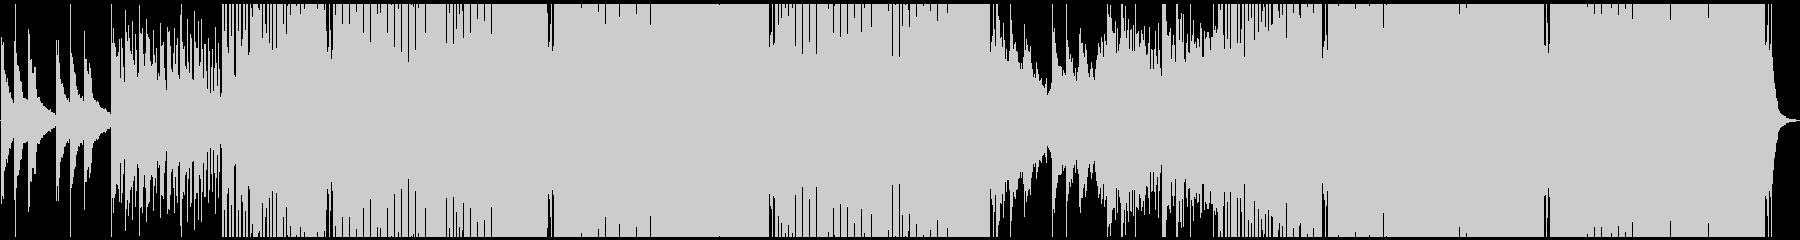 クールな雰囲気のEDMの未再生の波形